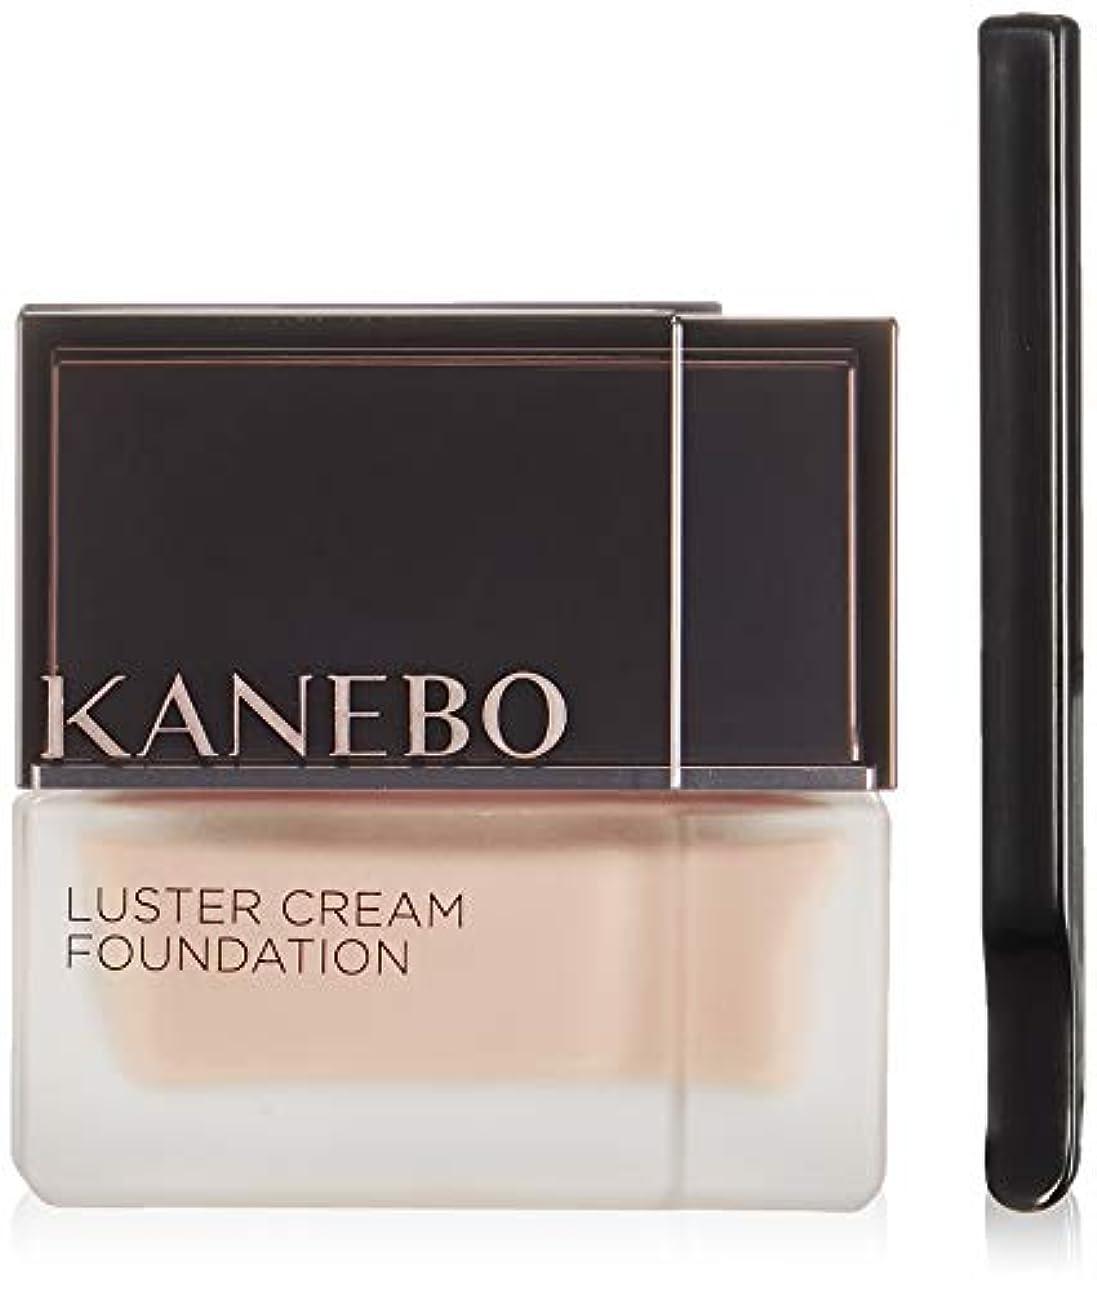 KANEBO(カネボウ) カネボウ ラスタークリームファンデーション オークルC SPF15/PA+ ファンデーション